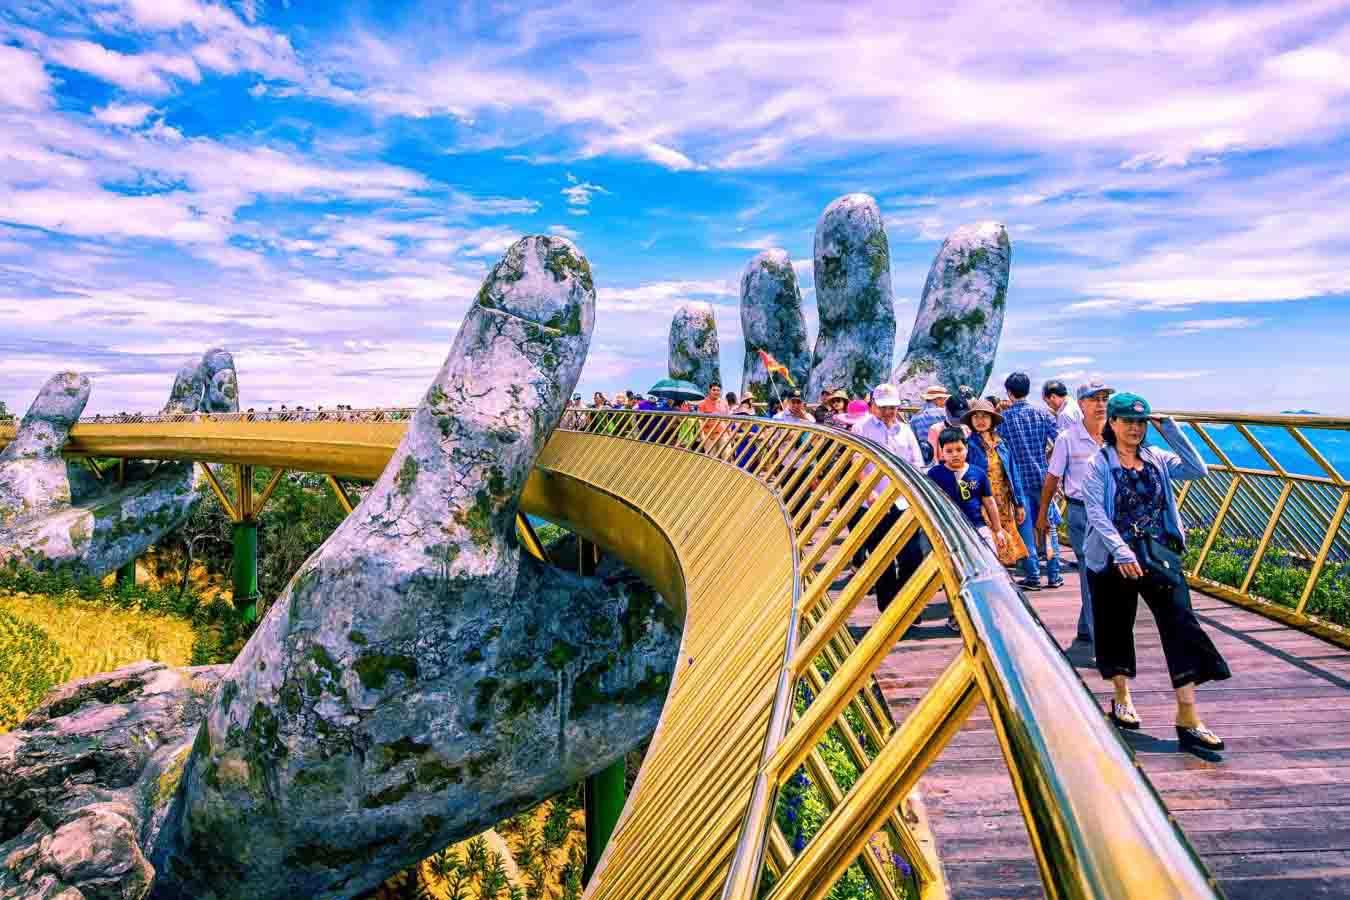 Tour du lịch Đà Nẵng - Hội An - Cù Lao Chàm (4N3D)